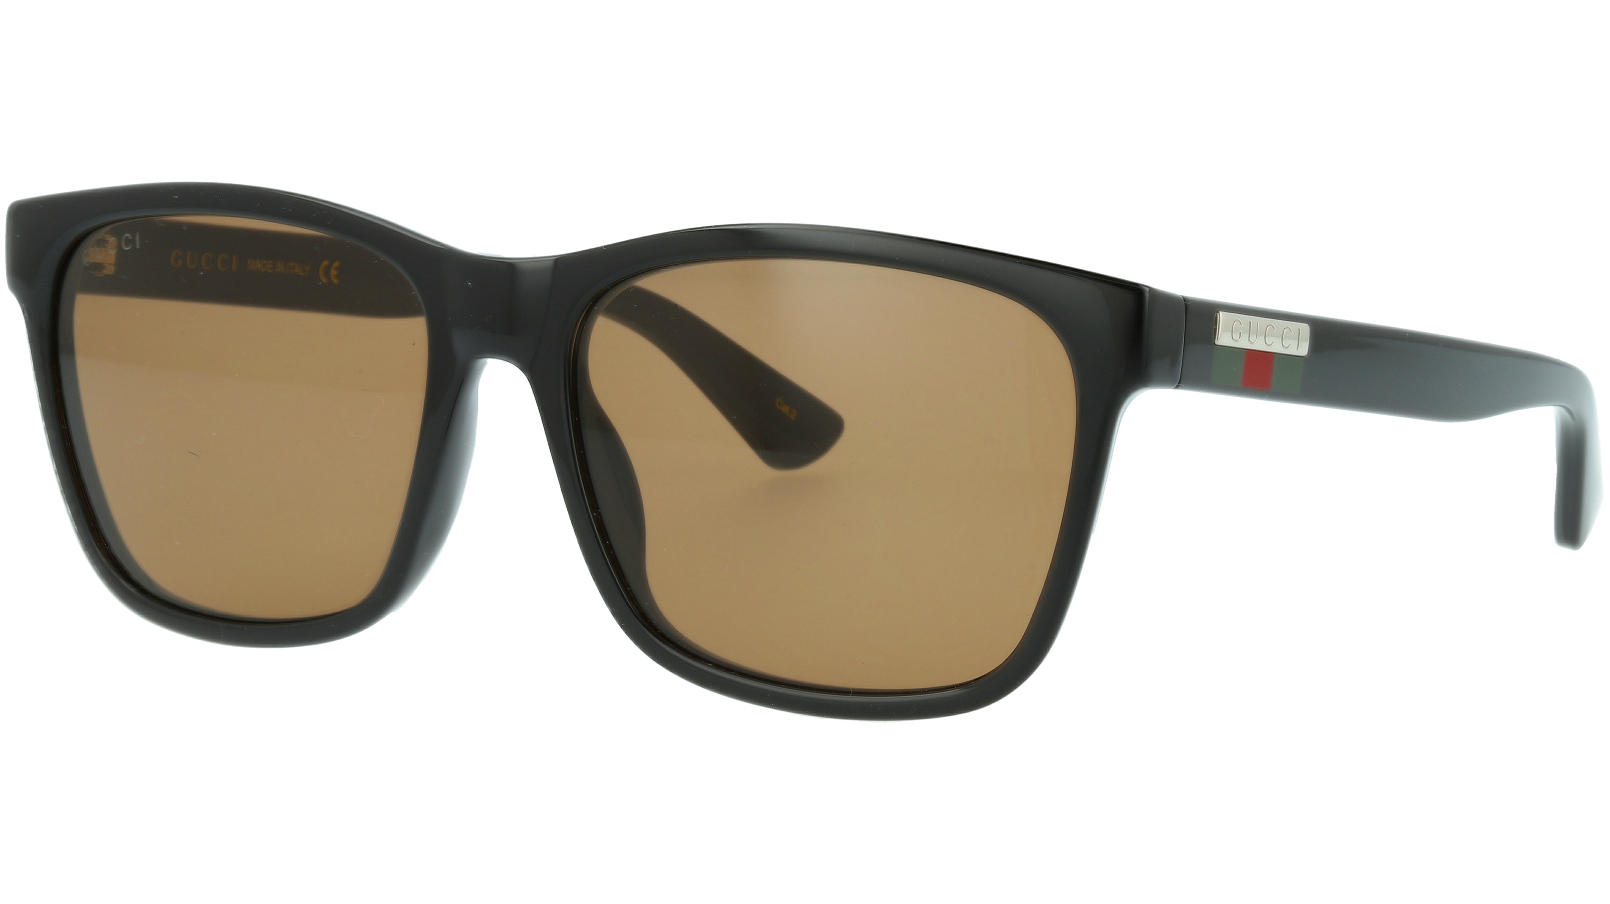 Gucci GG0746S 002 57 Black Square Sunglasses